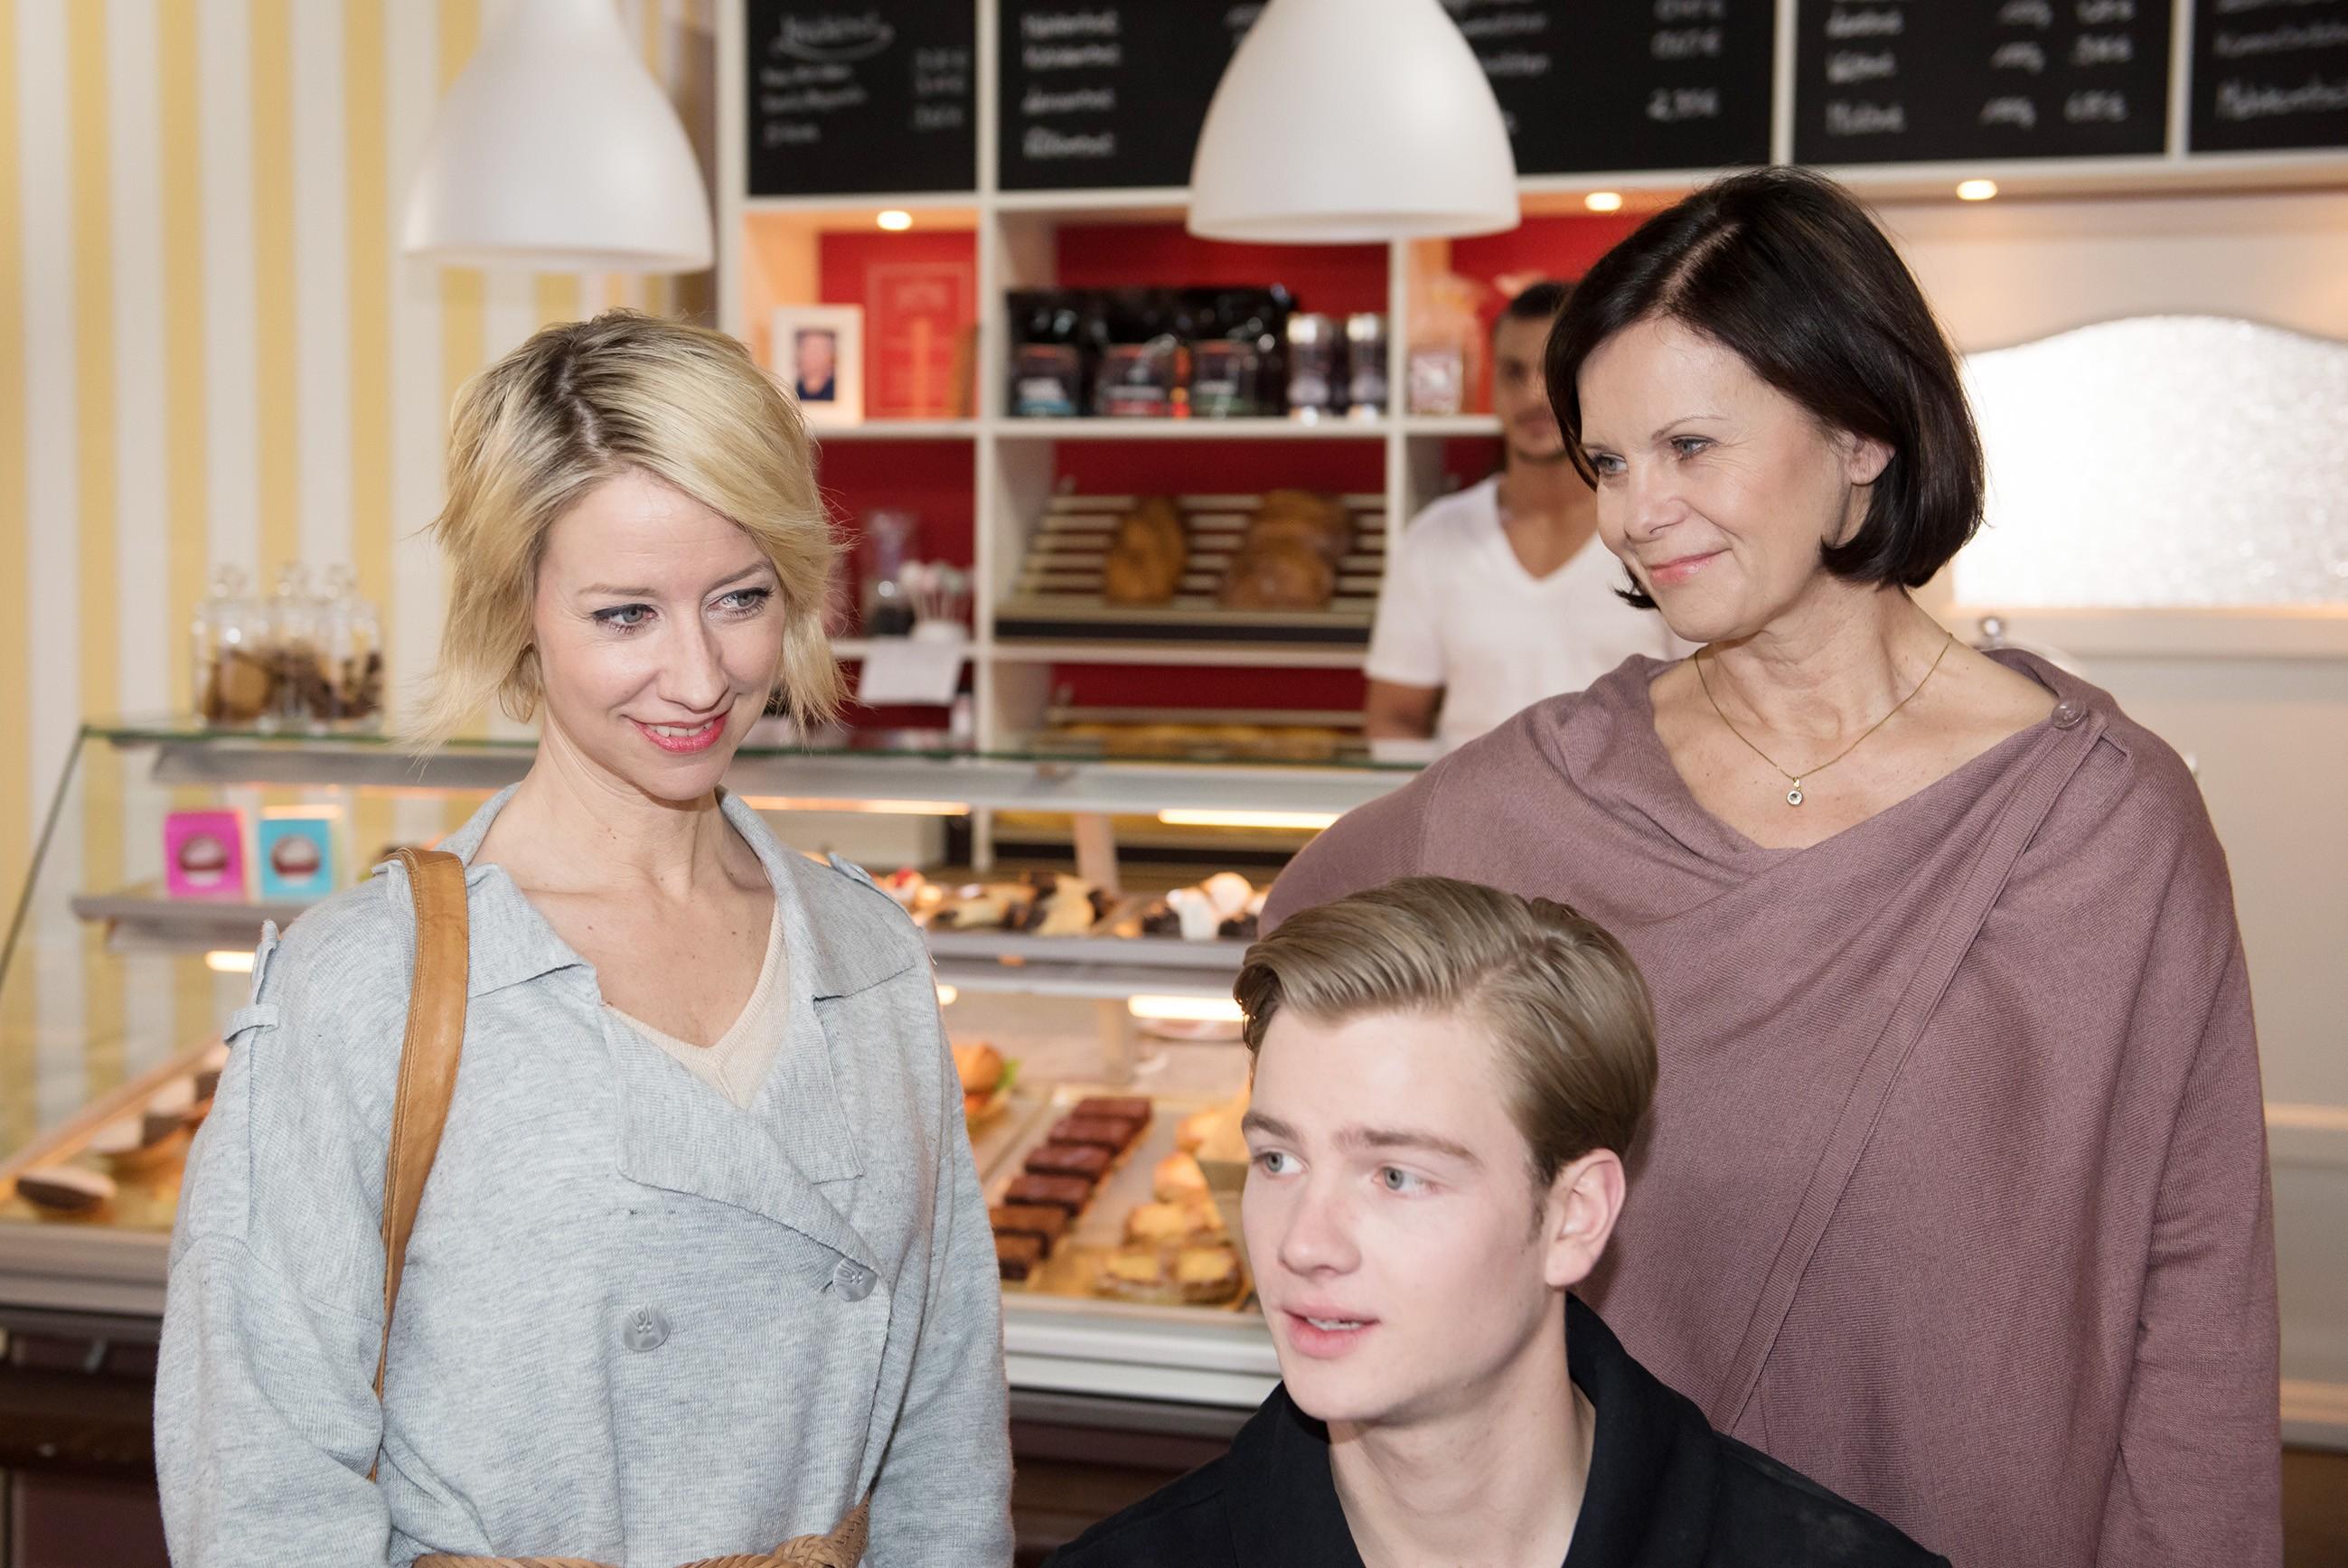 Ute (Isabell Hertel, l.) schaut versonnen auf Valentin (Aaron Koszuta), den Enkel von Irenes (Petra Blossey) Lebensgefährten Robert und freut sich auf den bevorstehenden Besuch ihres Sohnes Conor. (Quelle: RTL / Stefan Behrens)